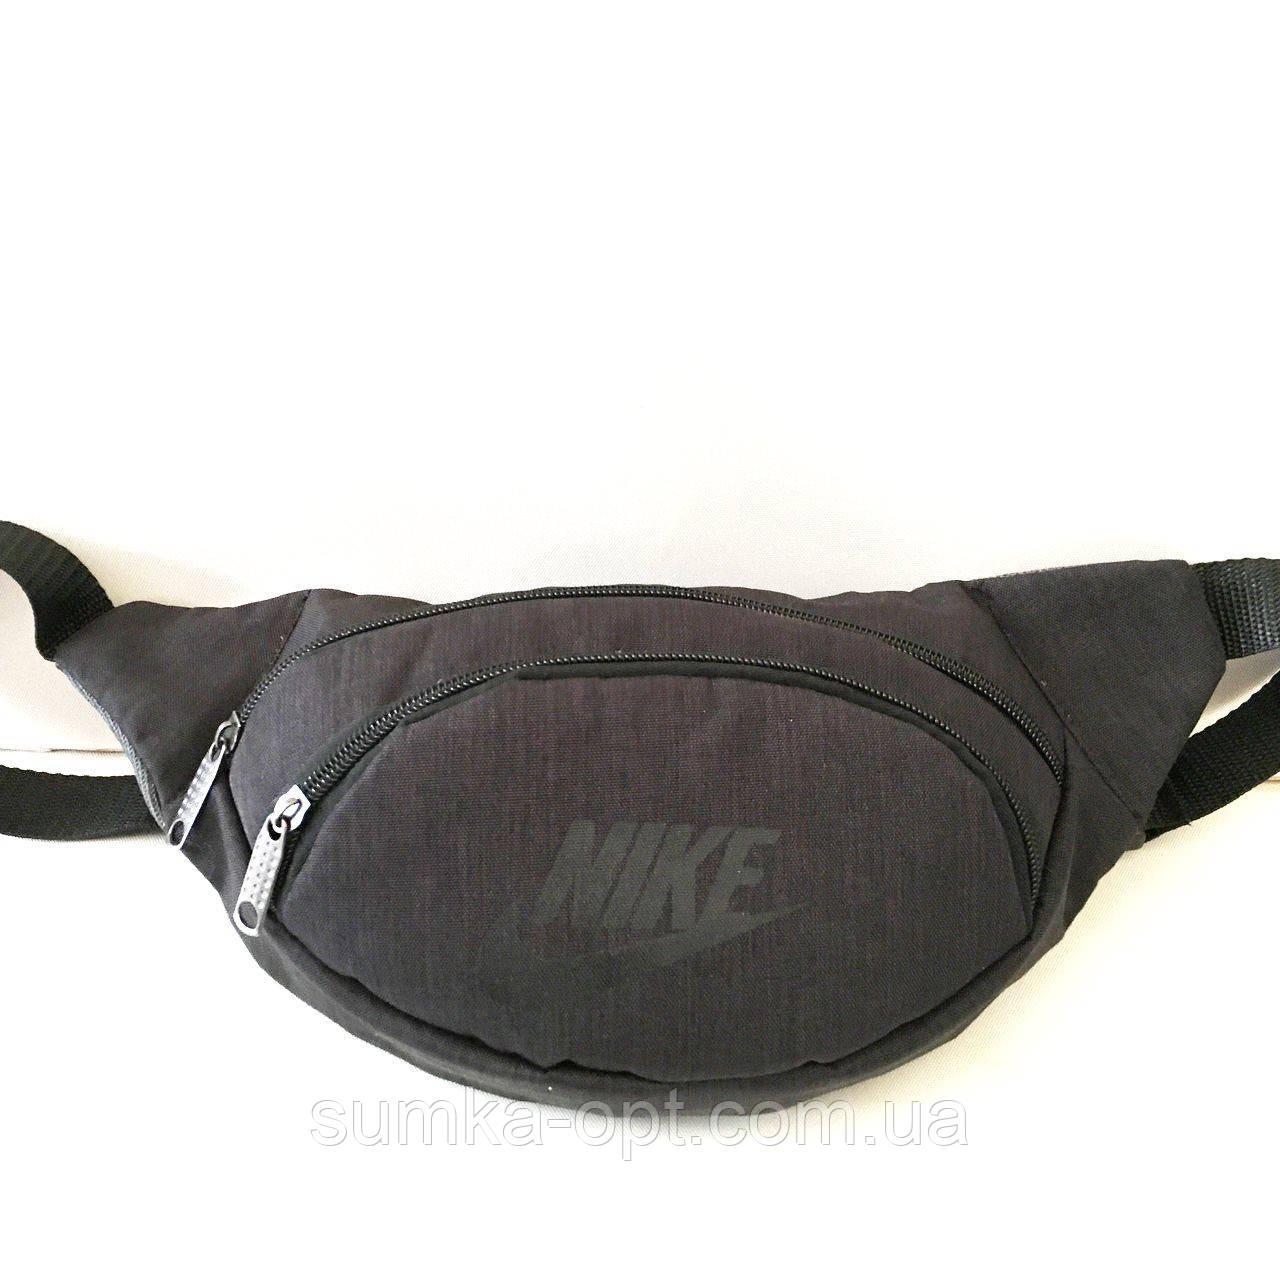 Спортивные сумки на пояс Nike текстиль (черный)14*36см